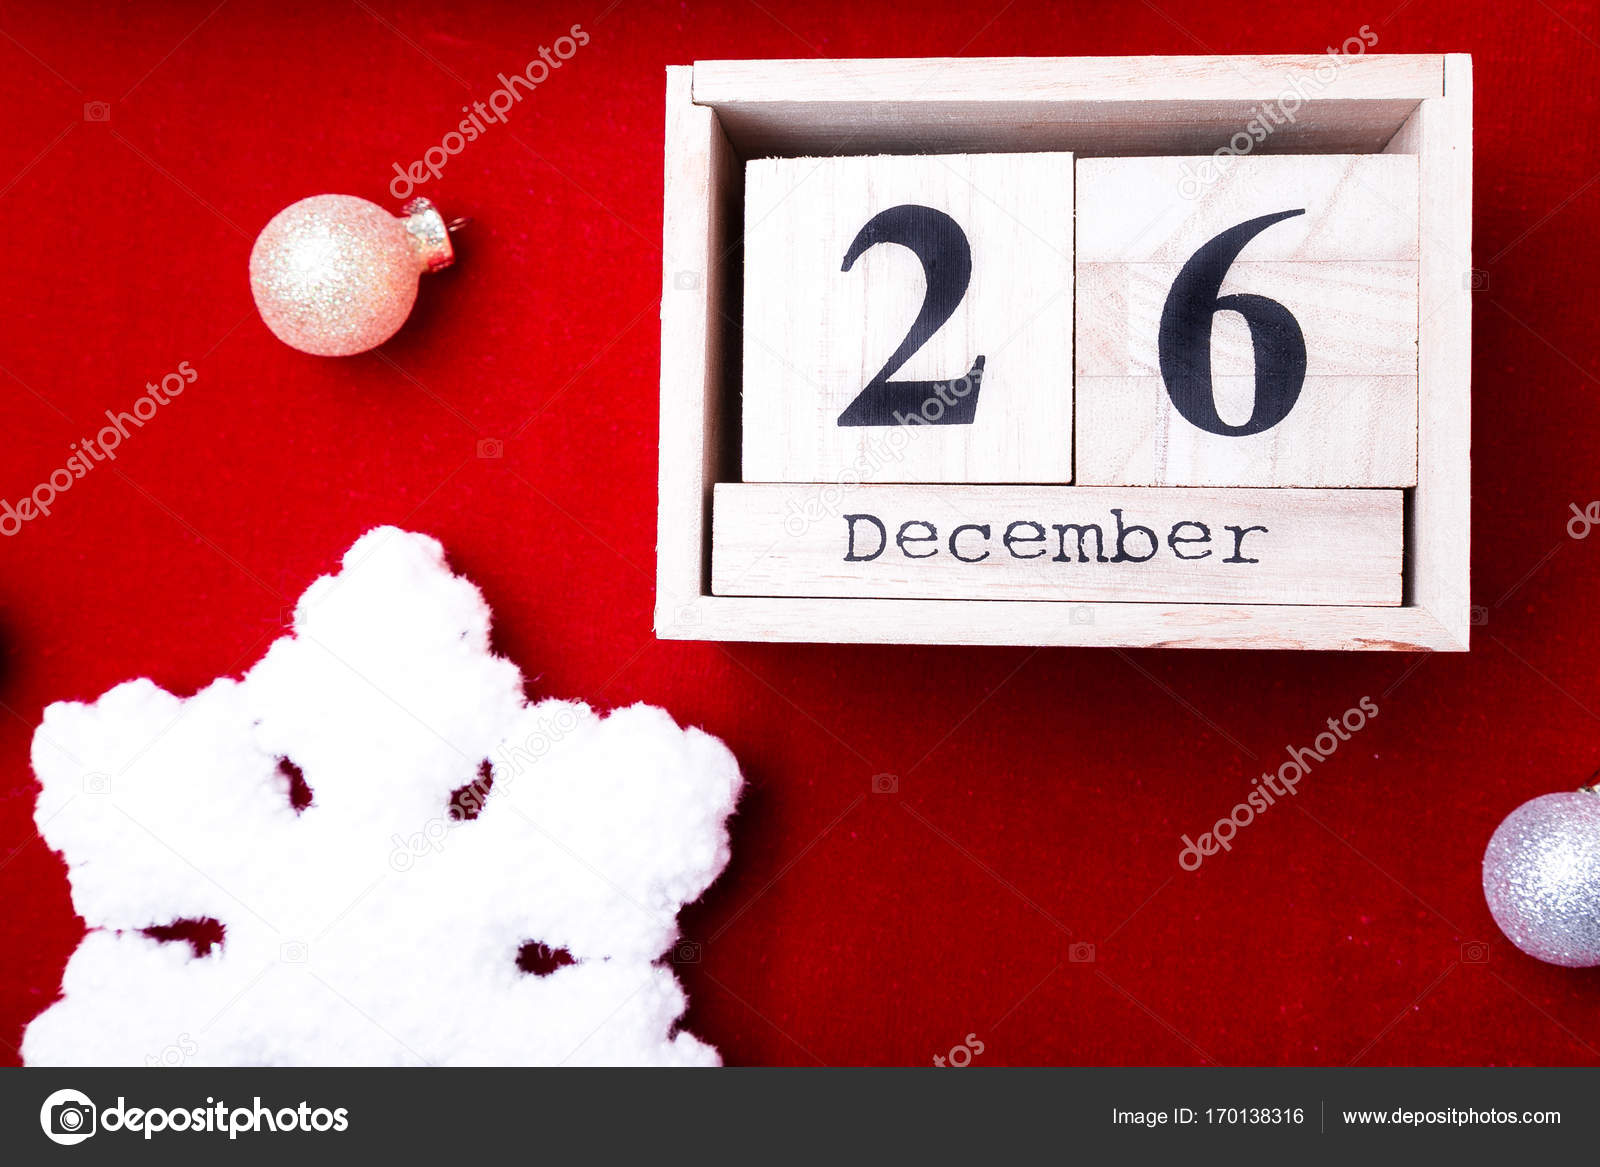 Weihnachten Datum.Boxing Day Sale Kalender Mit Datum Auf Rotem Grund Weihnachten